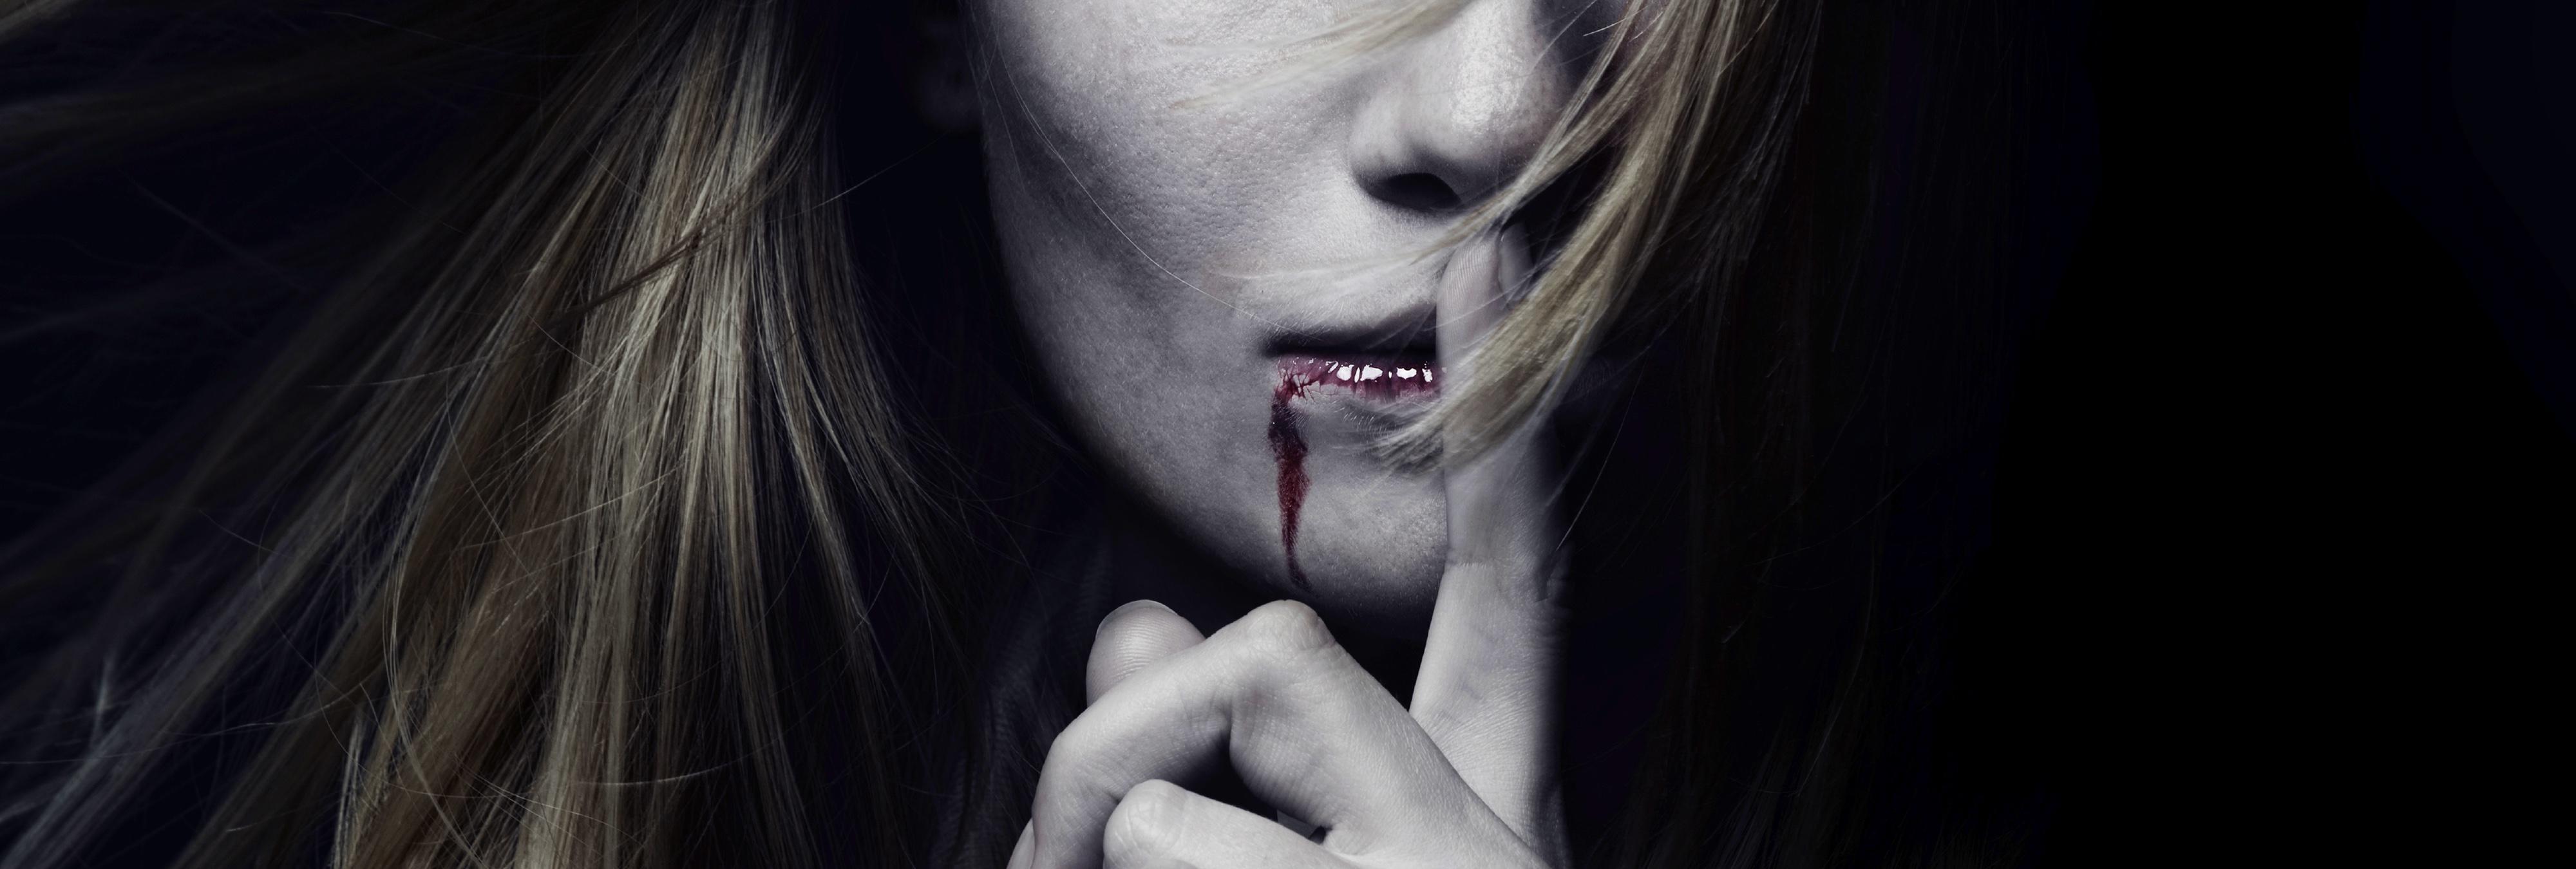 La historia de la mujer que bebe 7 litros de sangre a la semana